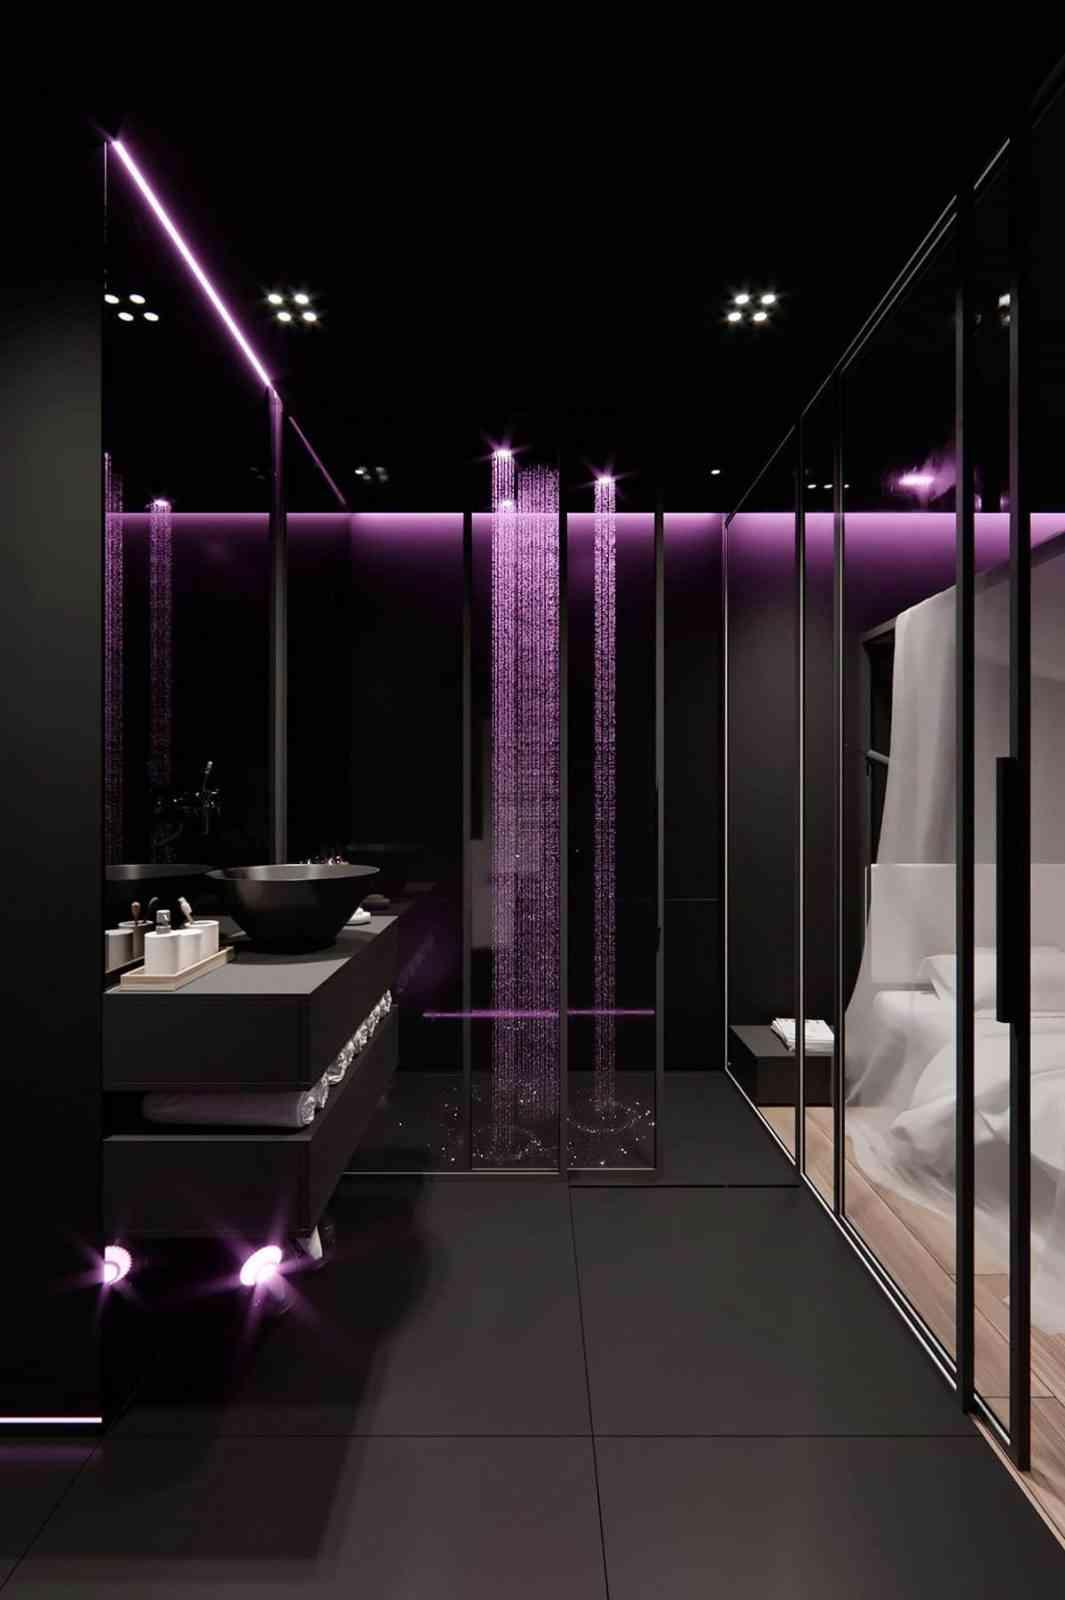 Một số thiết kế nội thất sử dụng màu hồng và xám - Trang trí nội thất màu tối cho căn phòng thêm sang trọng 1